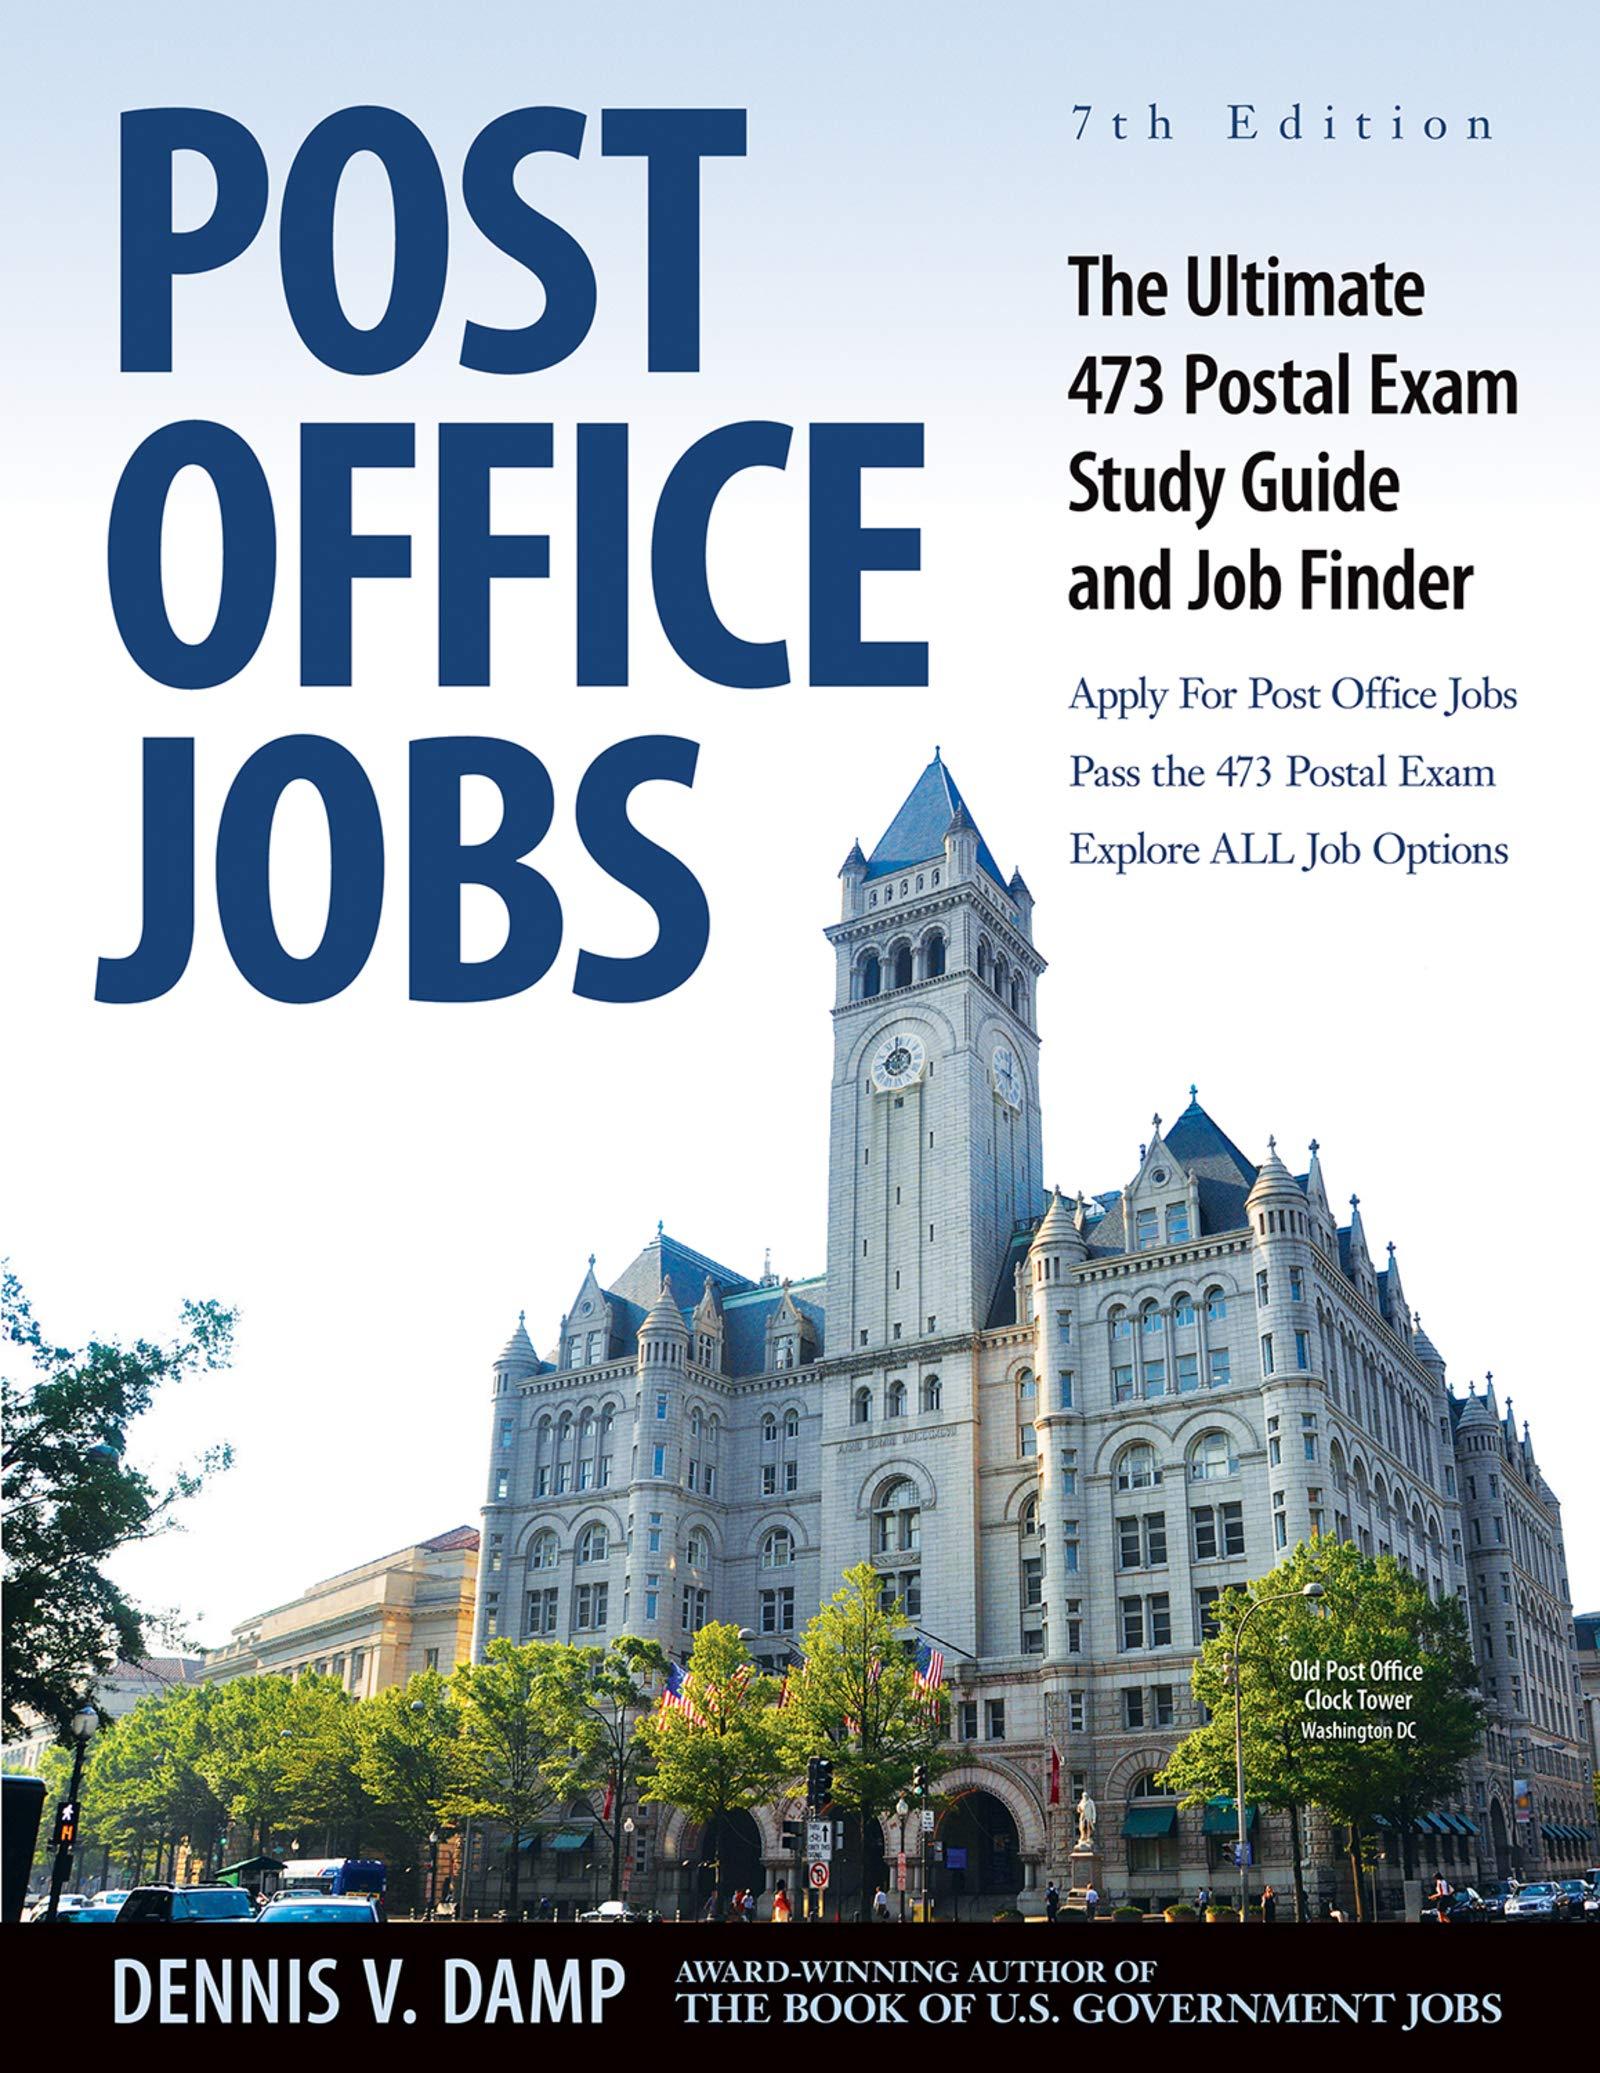 Postal Exam 473 Book Pdf Free